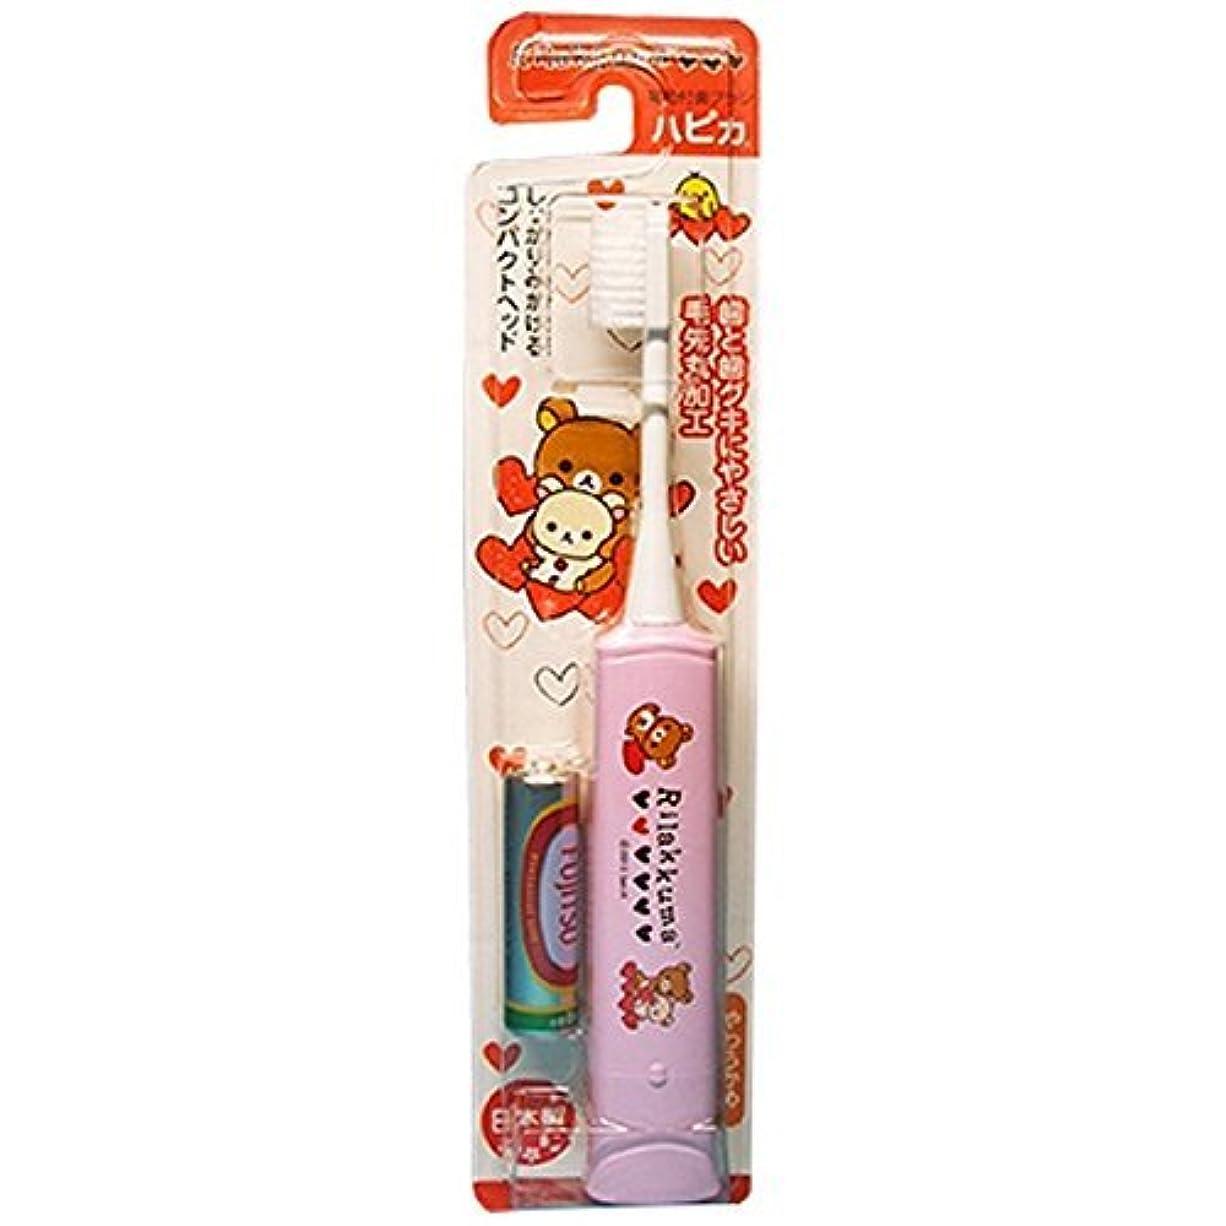 展望台オリエンタルミニマム 電動付歯ブラシ リラックマハピカ ピンク 毛の硬さ:やわらかめ DBM-5P(RK)